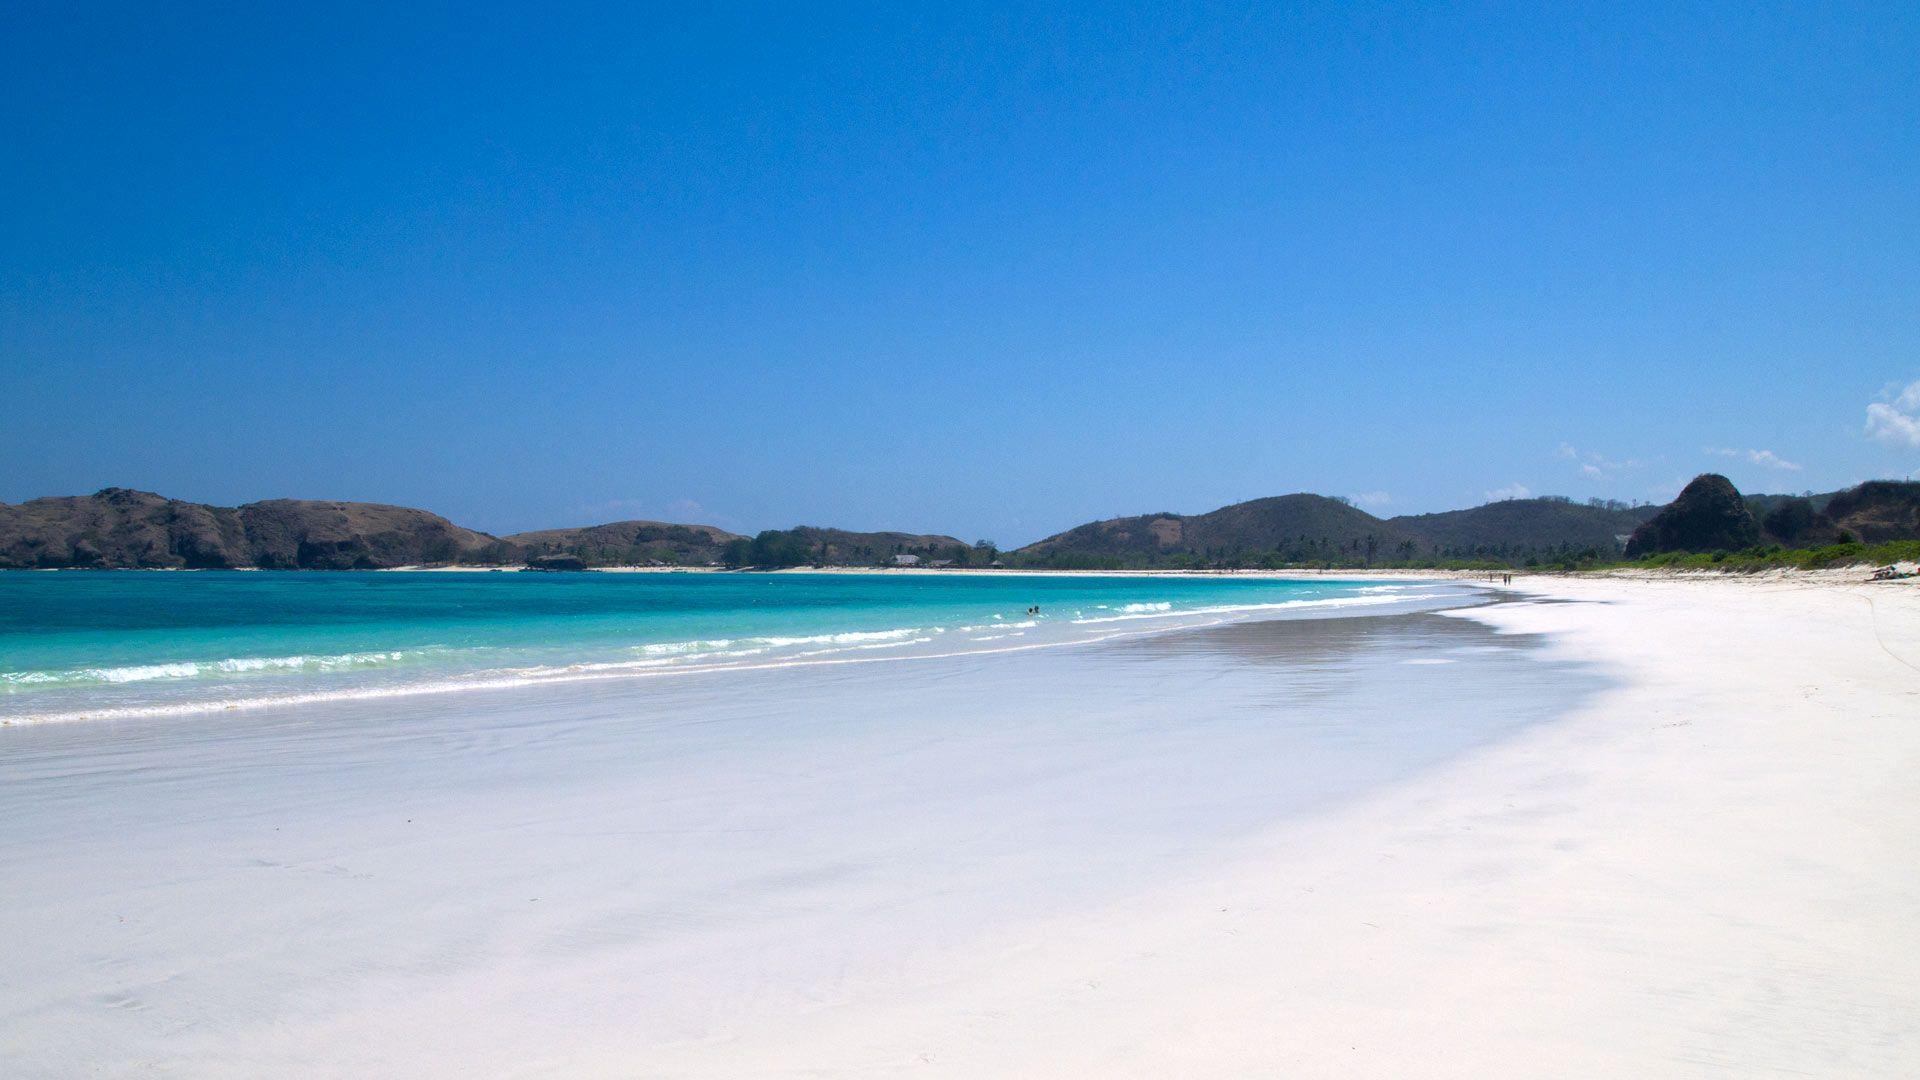 lombok-beaches-tanjung-aan-03-2da796637cbe5b6fece1d8ade4d56780.jpg